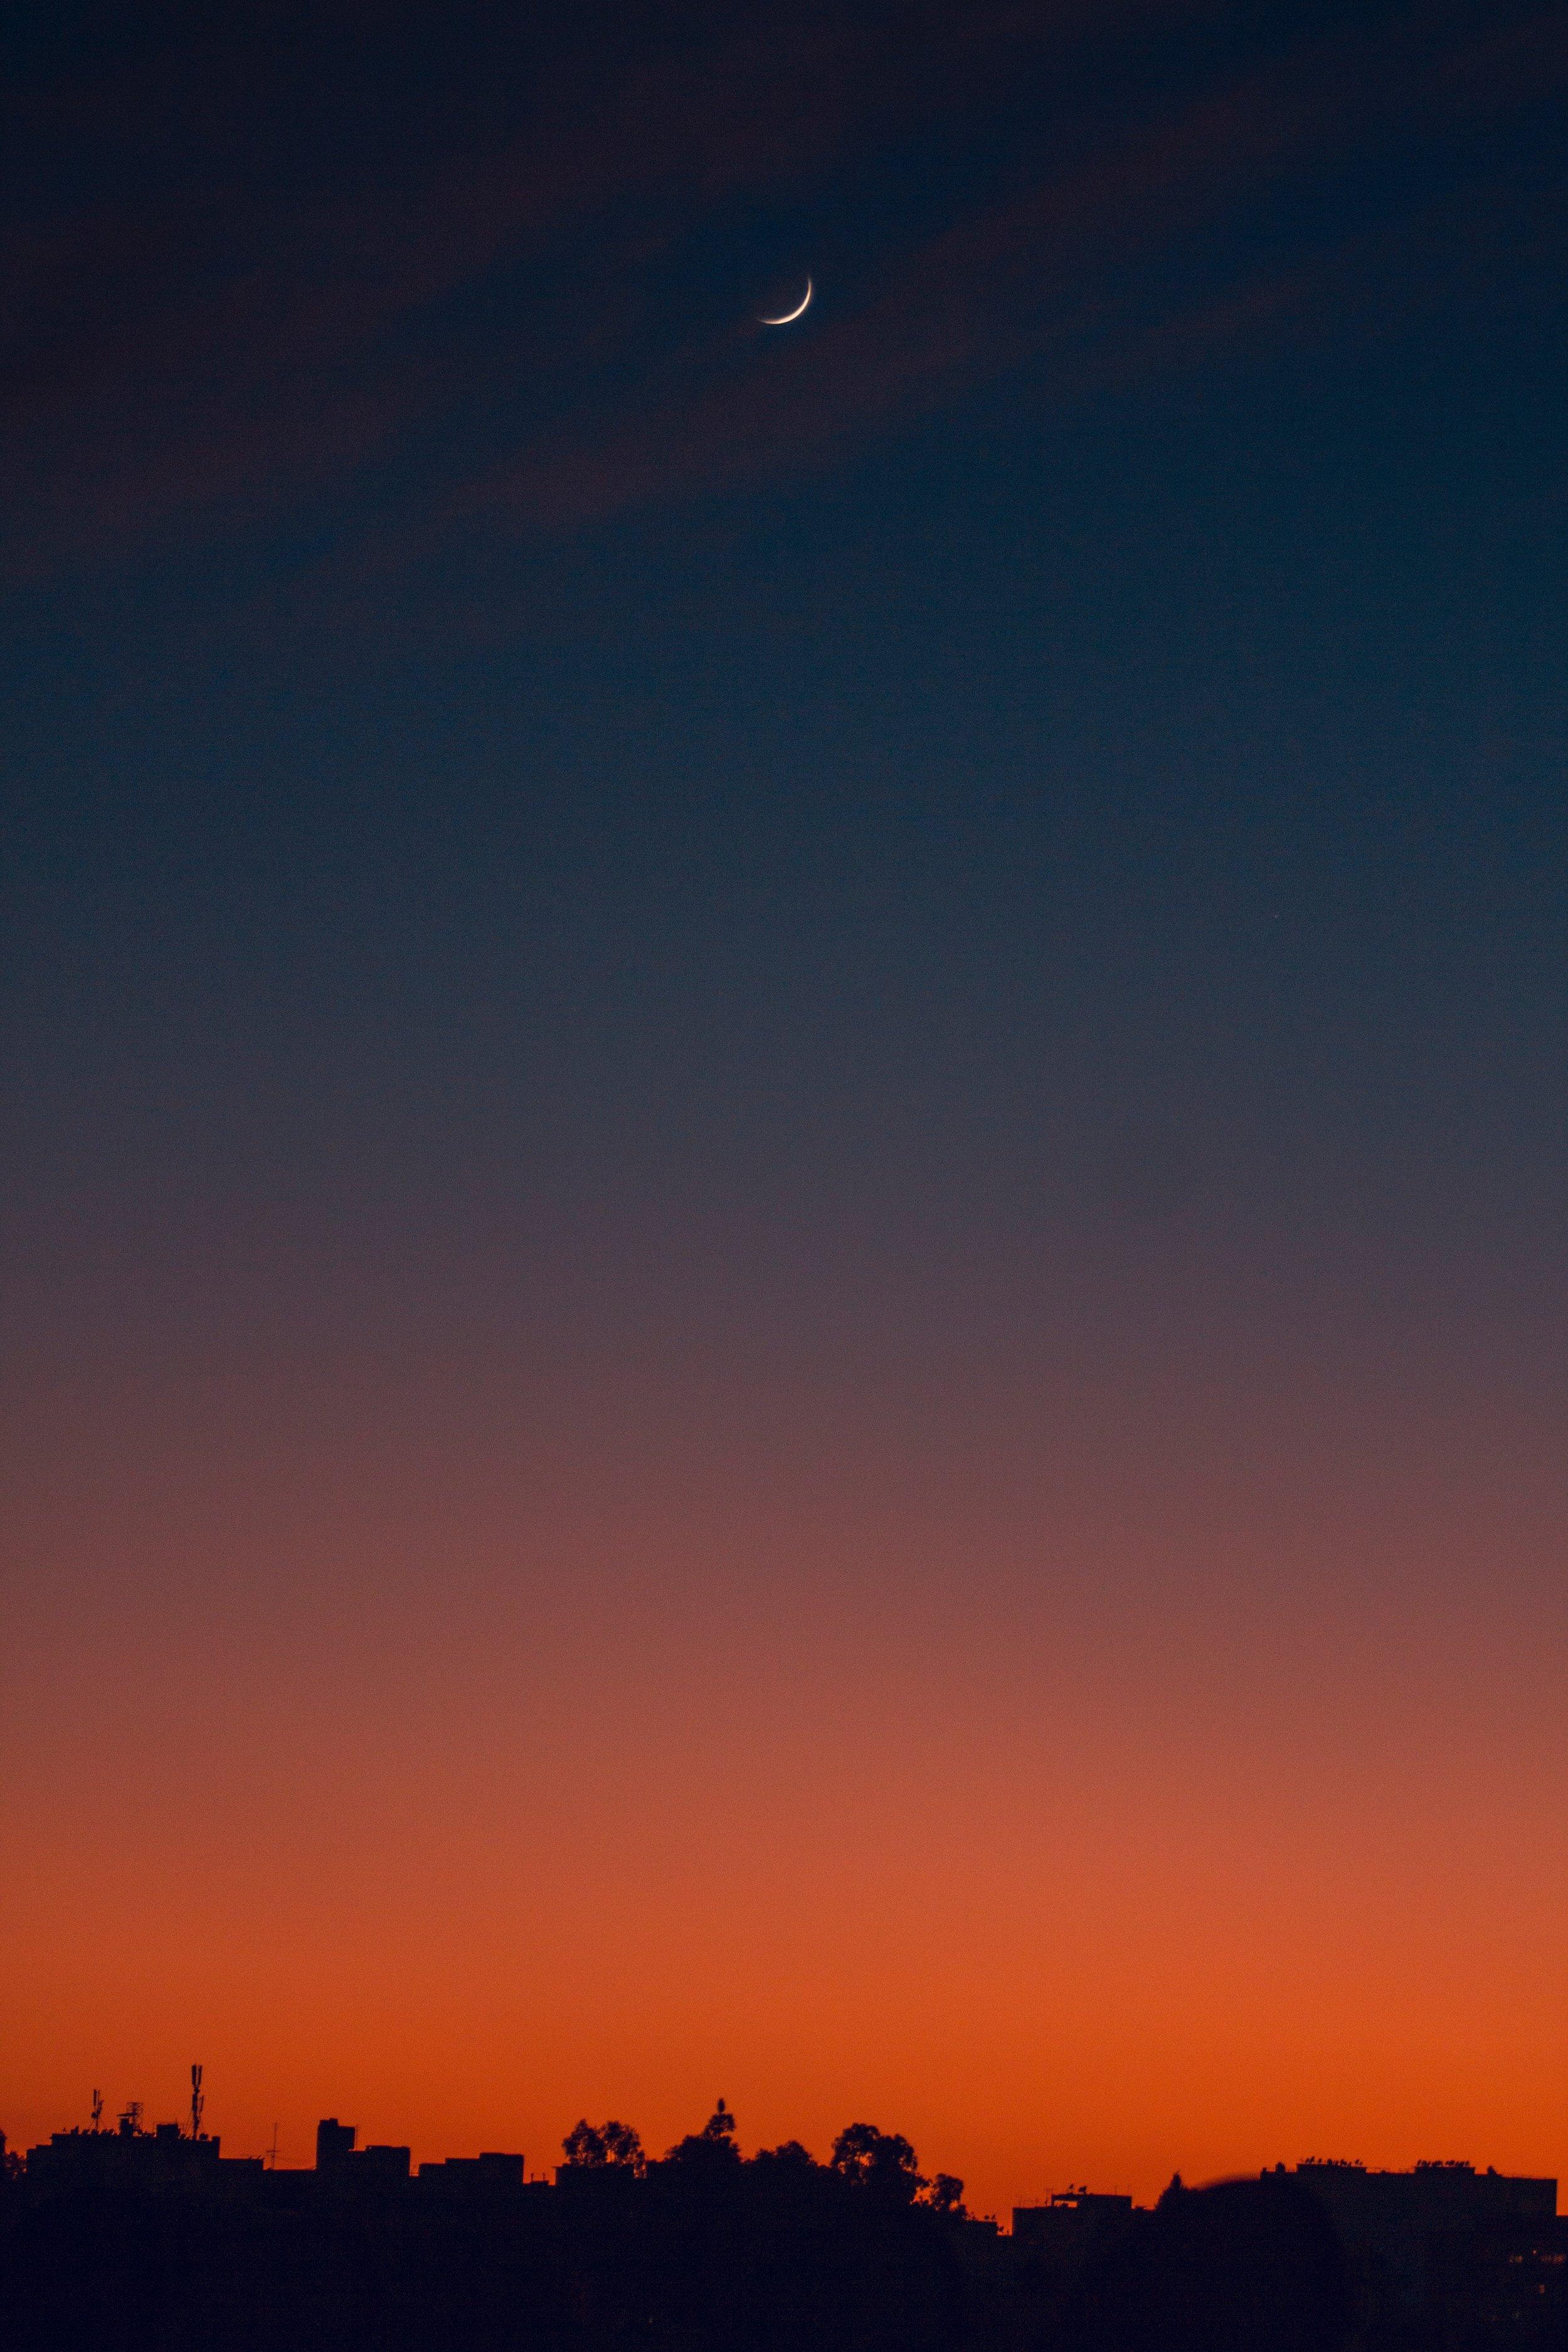 backlit-dark-dawn-1723637.jpg